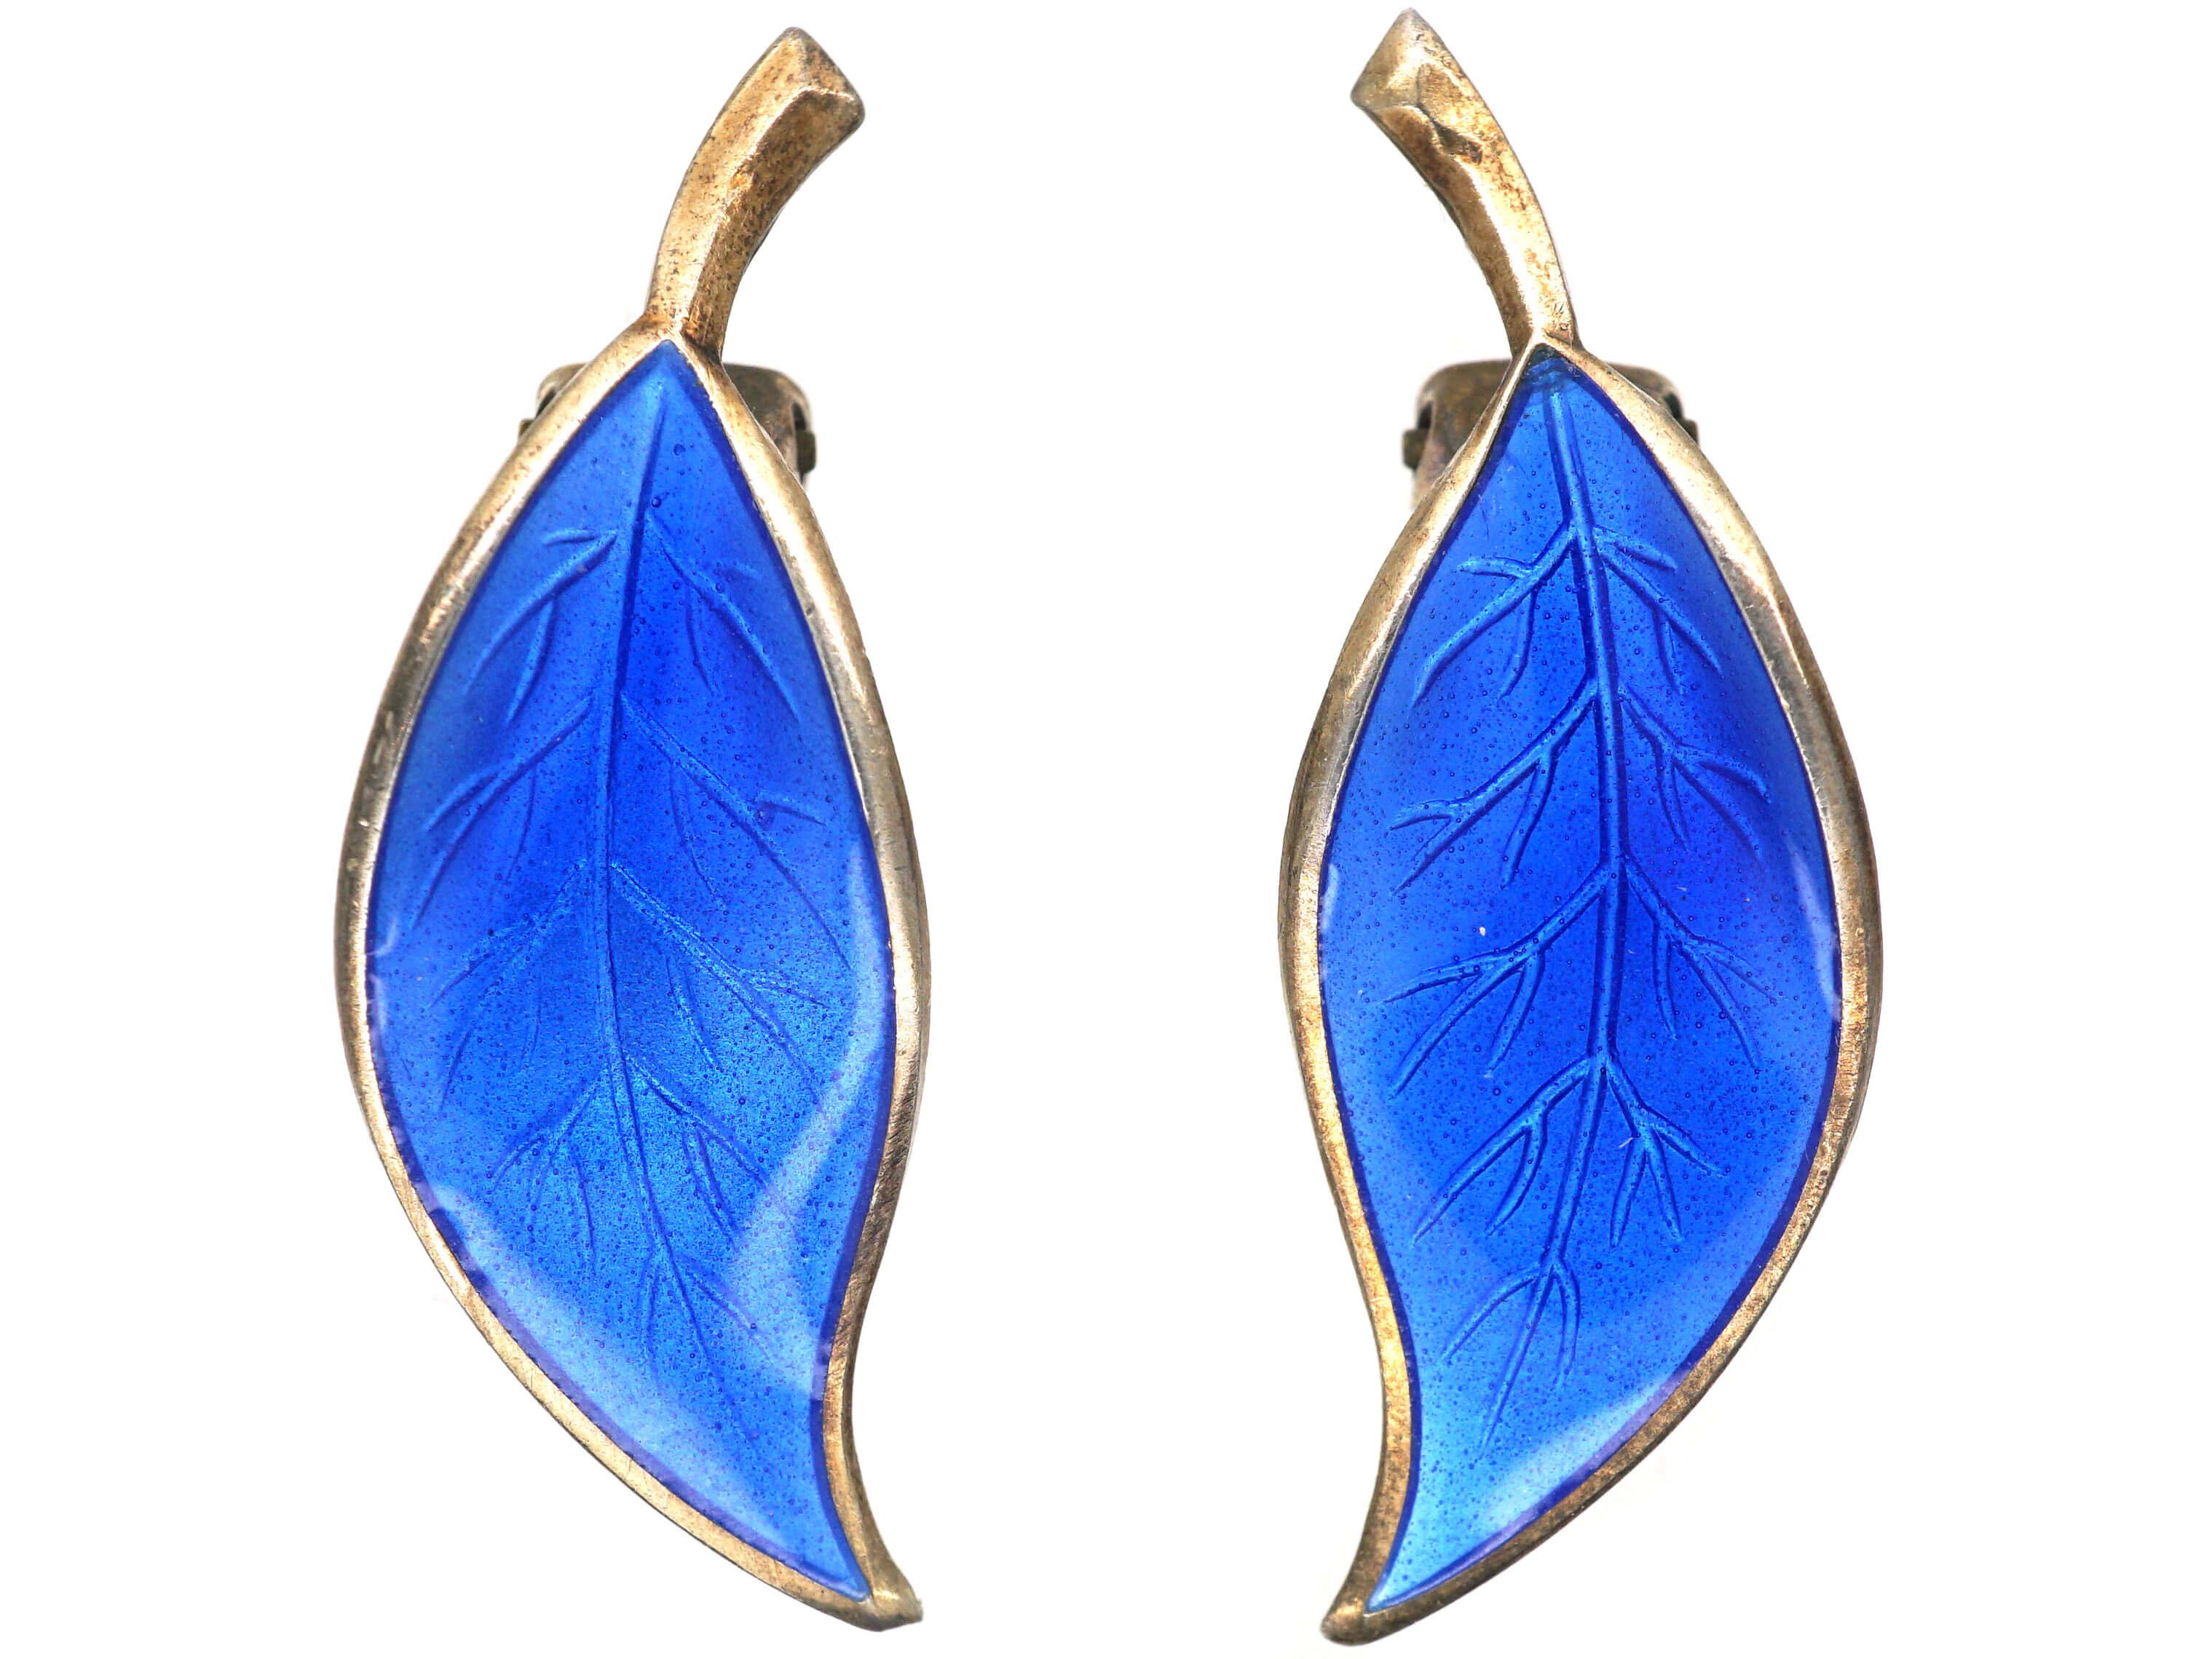 Silver & Blue Enamel Clip On Leaf Earrings by David Andersen